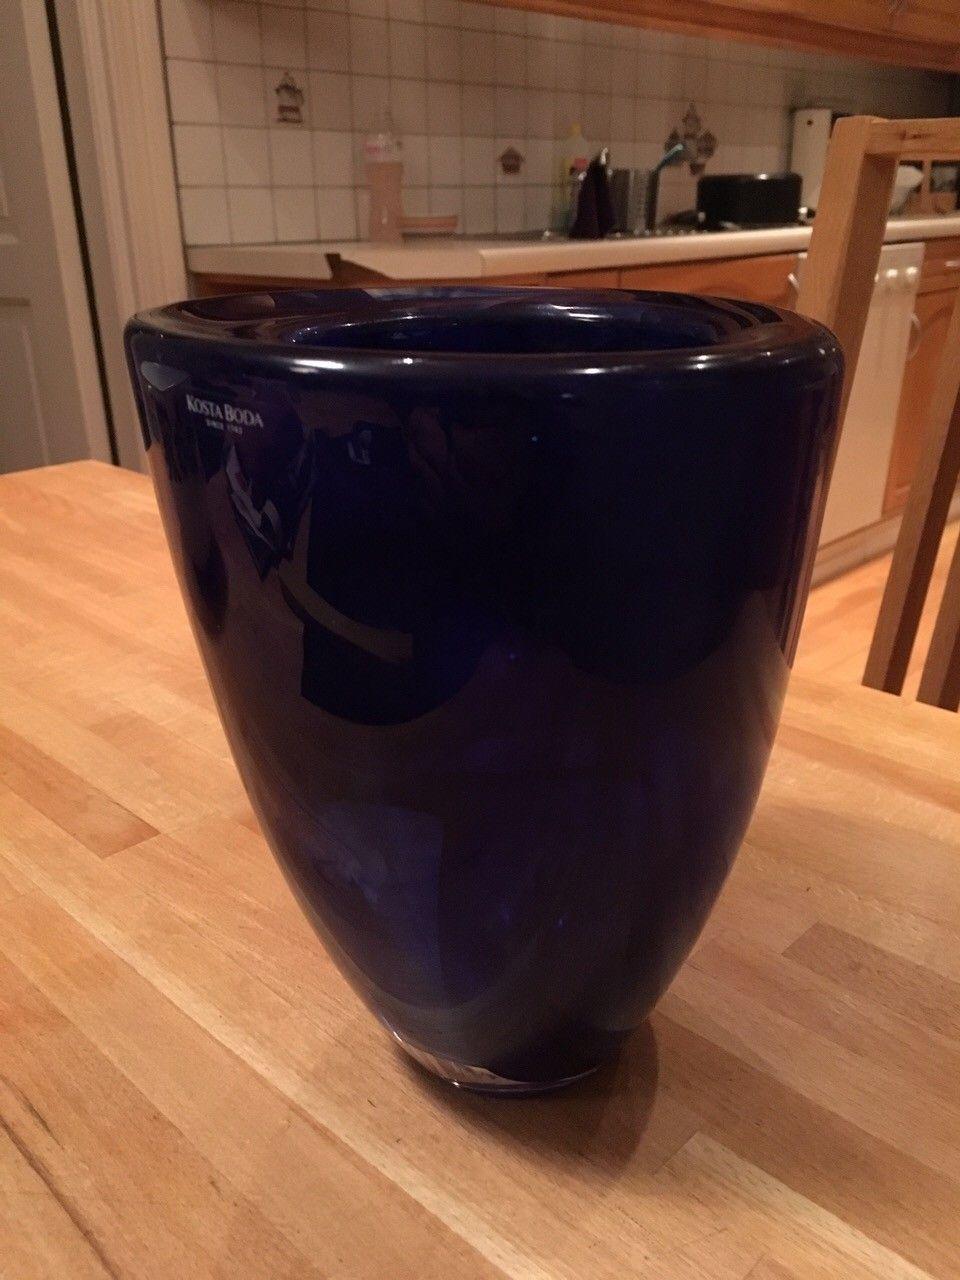 Kosta Boda vase og telysestaker - Skien  - Kosta Boda Blå vase 18,5 cm høy og 15 cm diameter. 3,6 kg 2 stk telysholdere - Skien